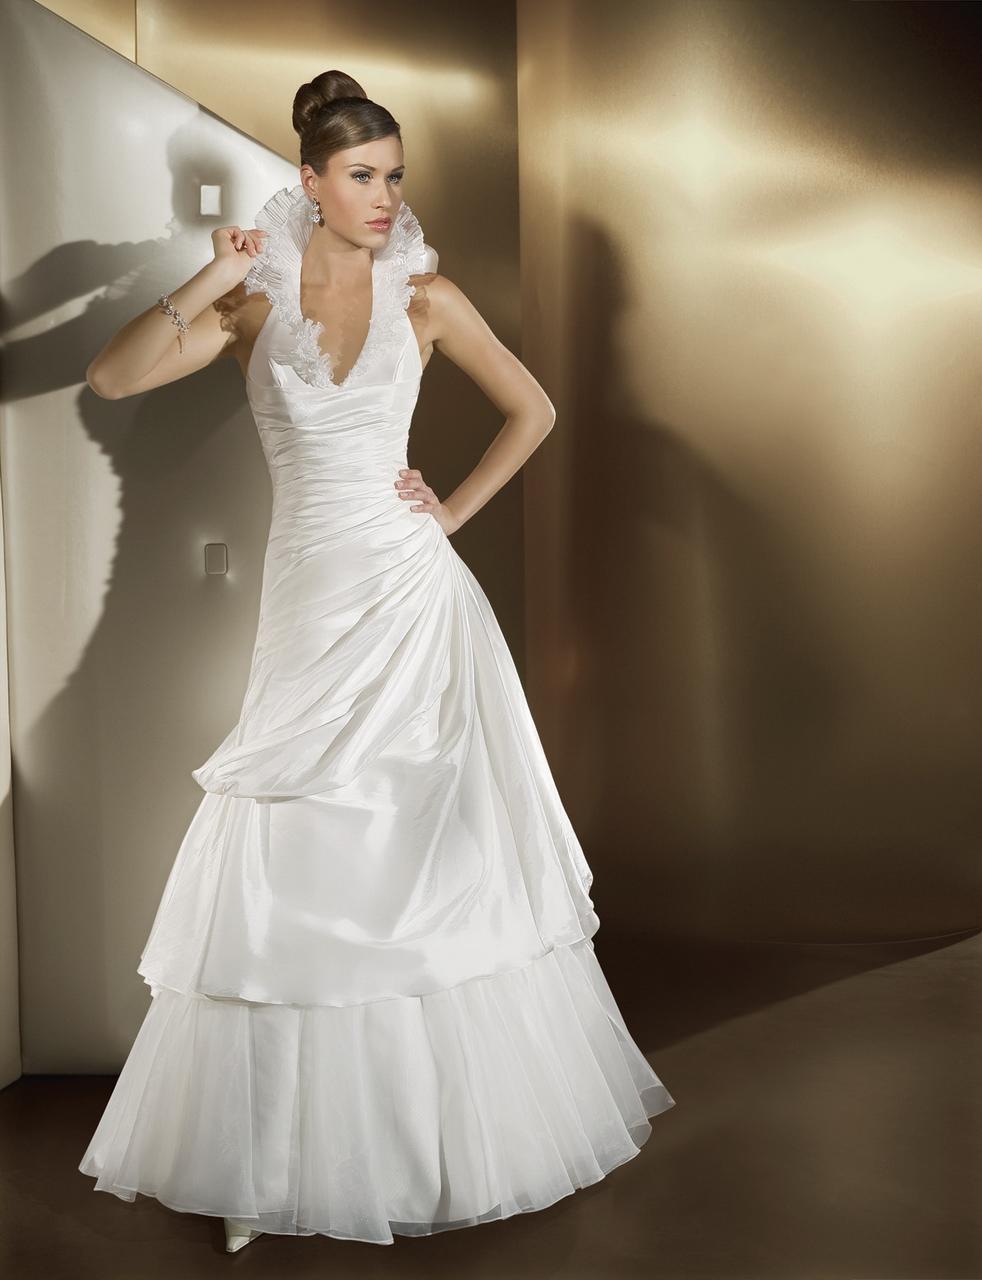 Blog For Dress Shopping Wedding Dresses 2014 New TrendRuffled Neckline